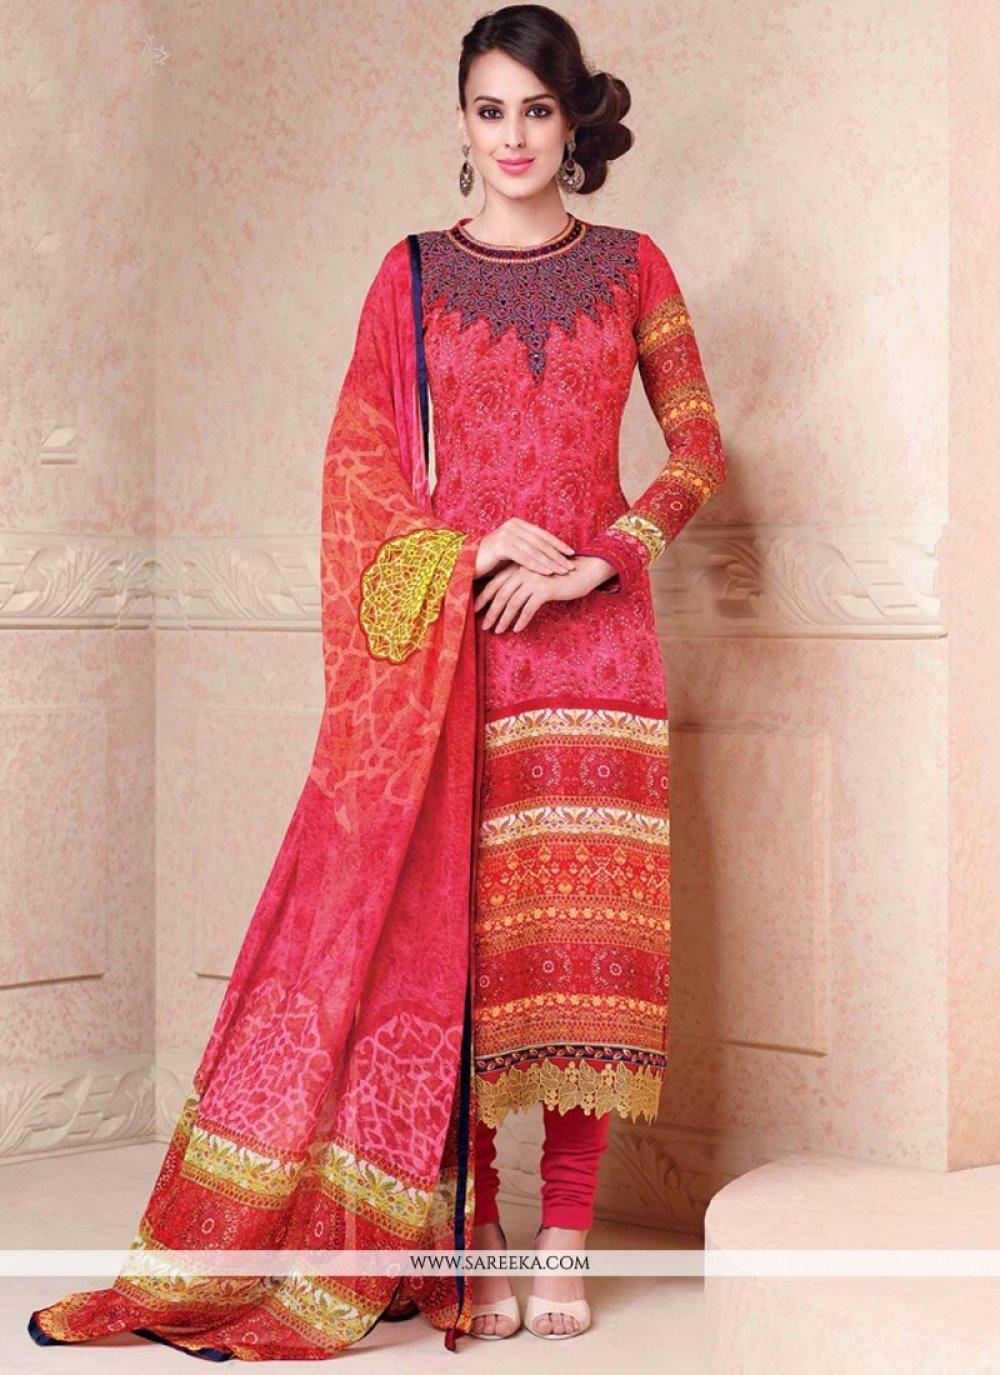 Hot Pink Lace Work Churidar Salwar Suit